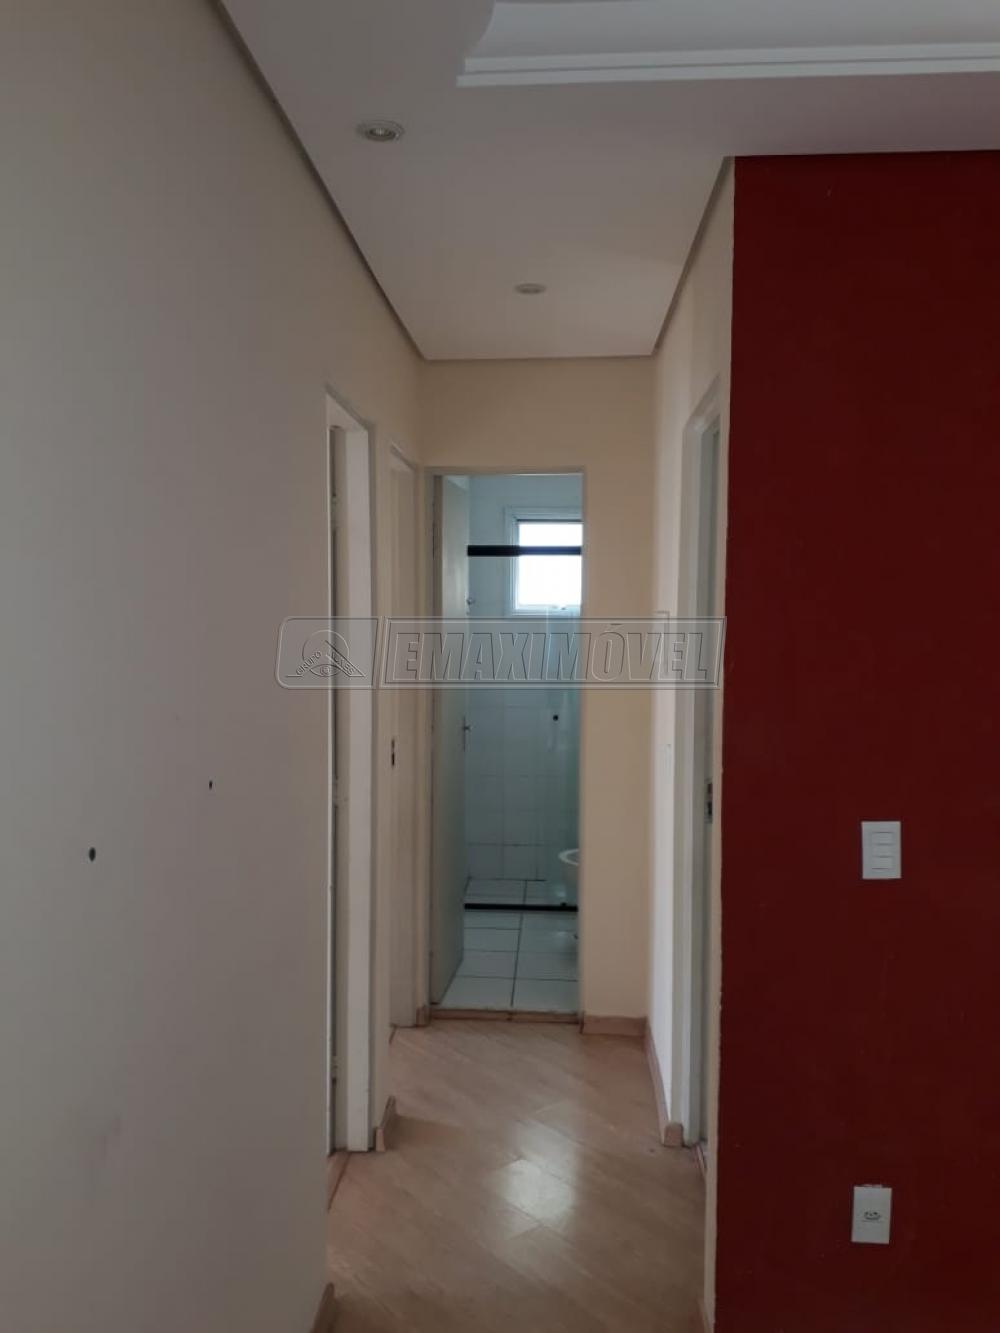 Comprar Apartamentos / Apto Padrão em Sorocaba apenas R$ 130.000,00 - Foto 3